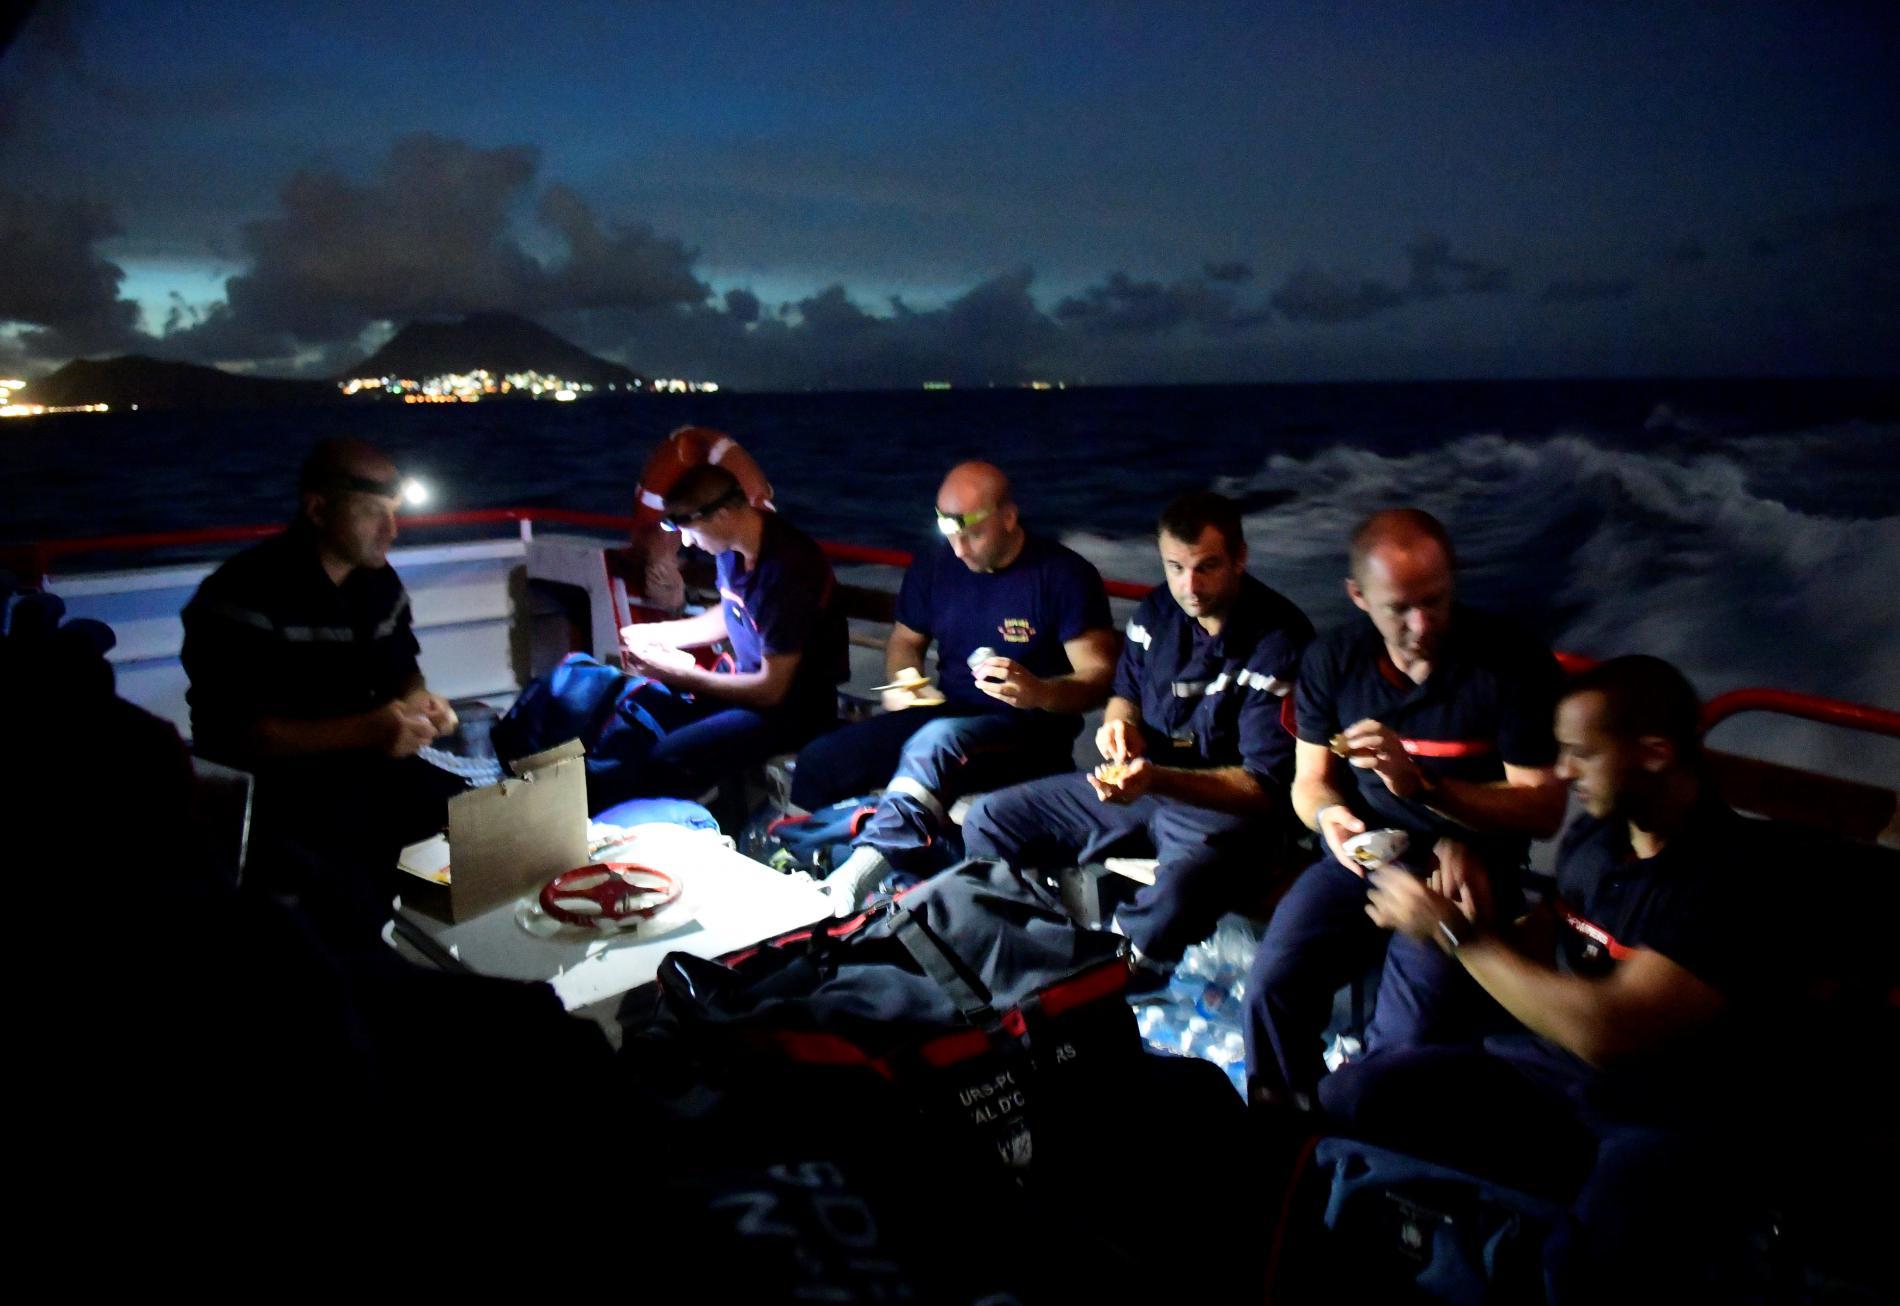 Des pompiers à bord d\'un bateau faisant la traversée entre Pointe-à-Pitre en Guadeloupe et l\'île de Saint-Martin,le 8septembre 2017, après le passage de l\'ouragan Irma.